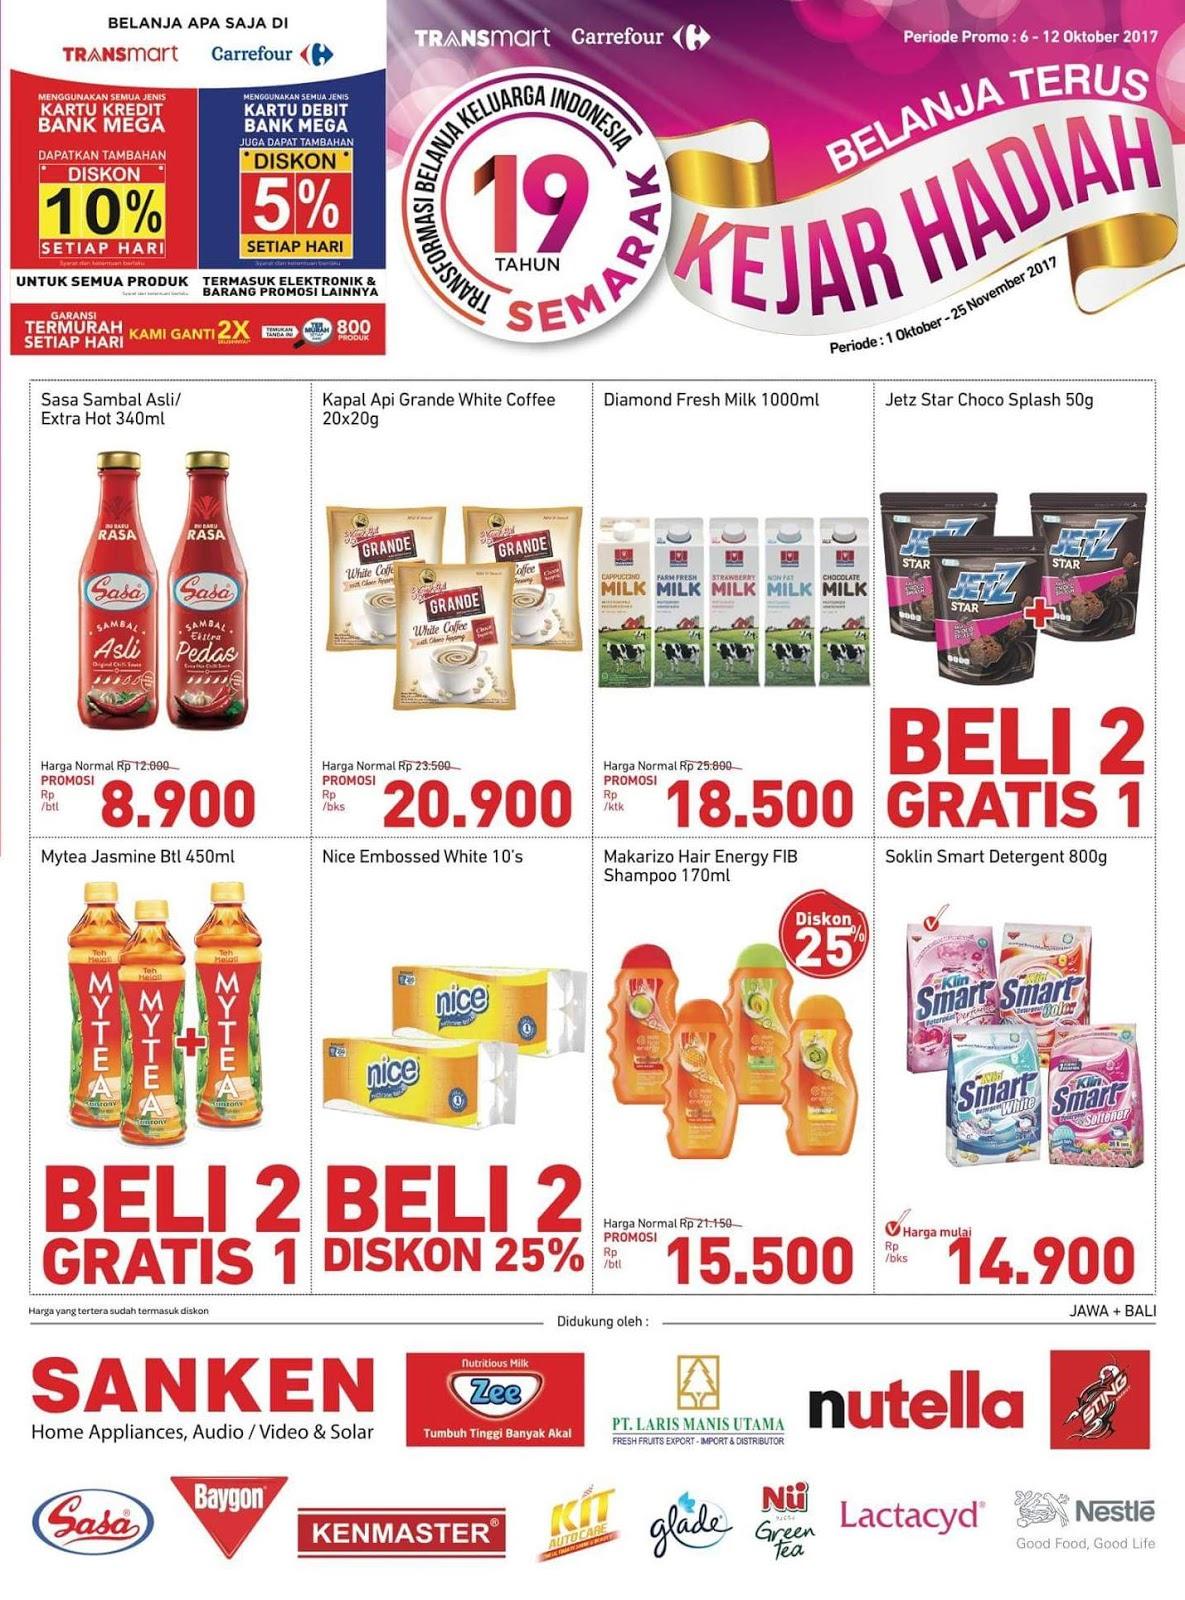 Promo Transmart Carrefour Terbaru Semarak 19 Tahun Periode 06 12 Oktober 2017 Harga Diskon